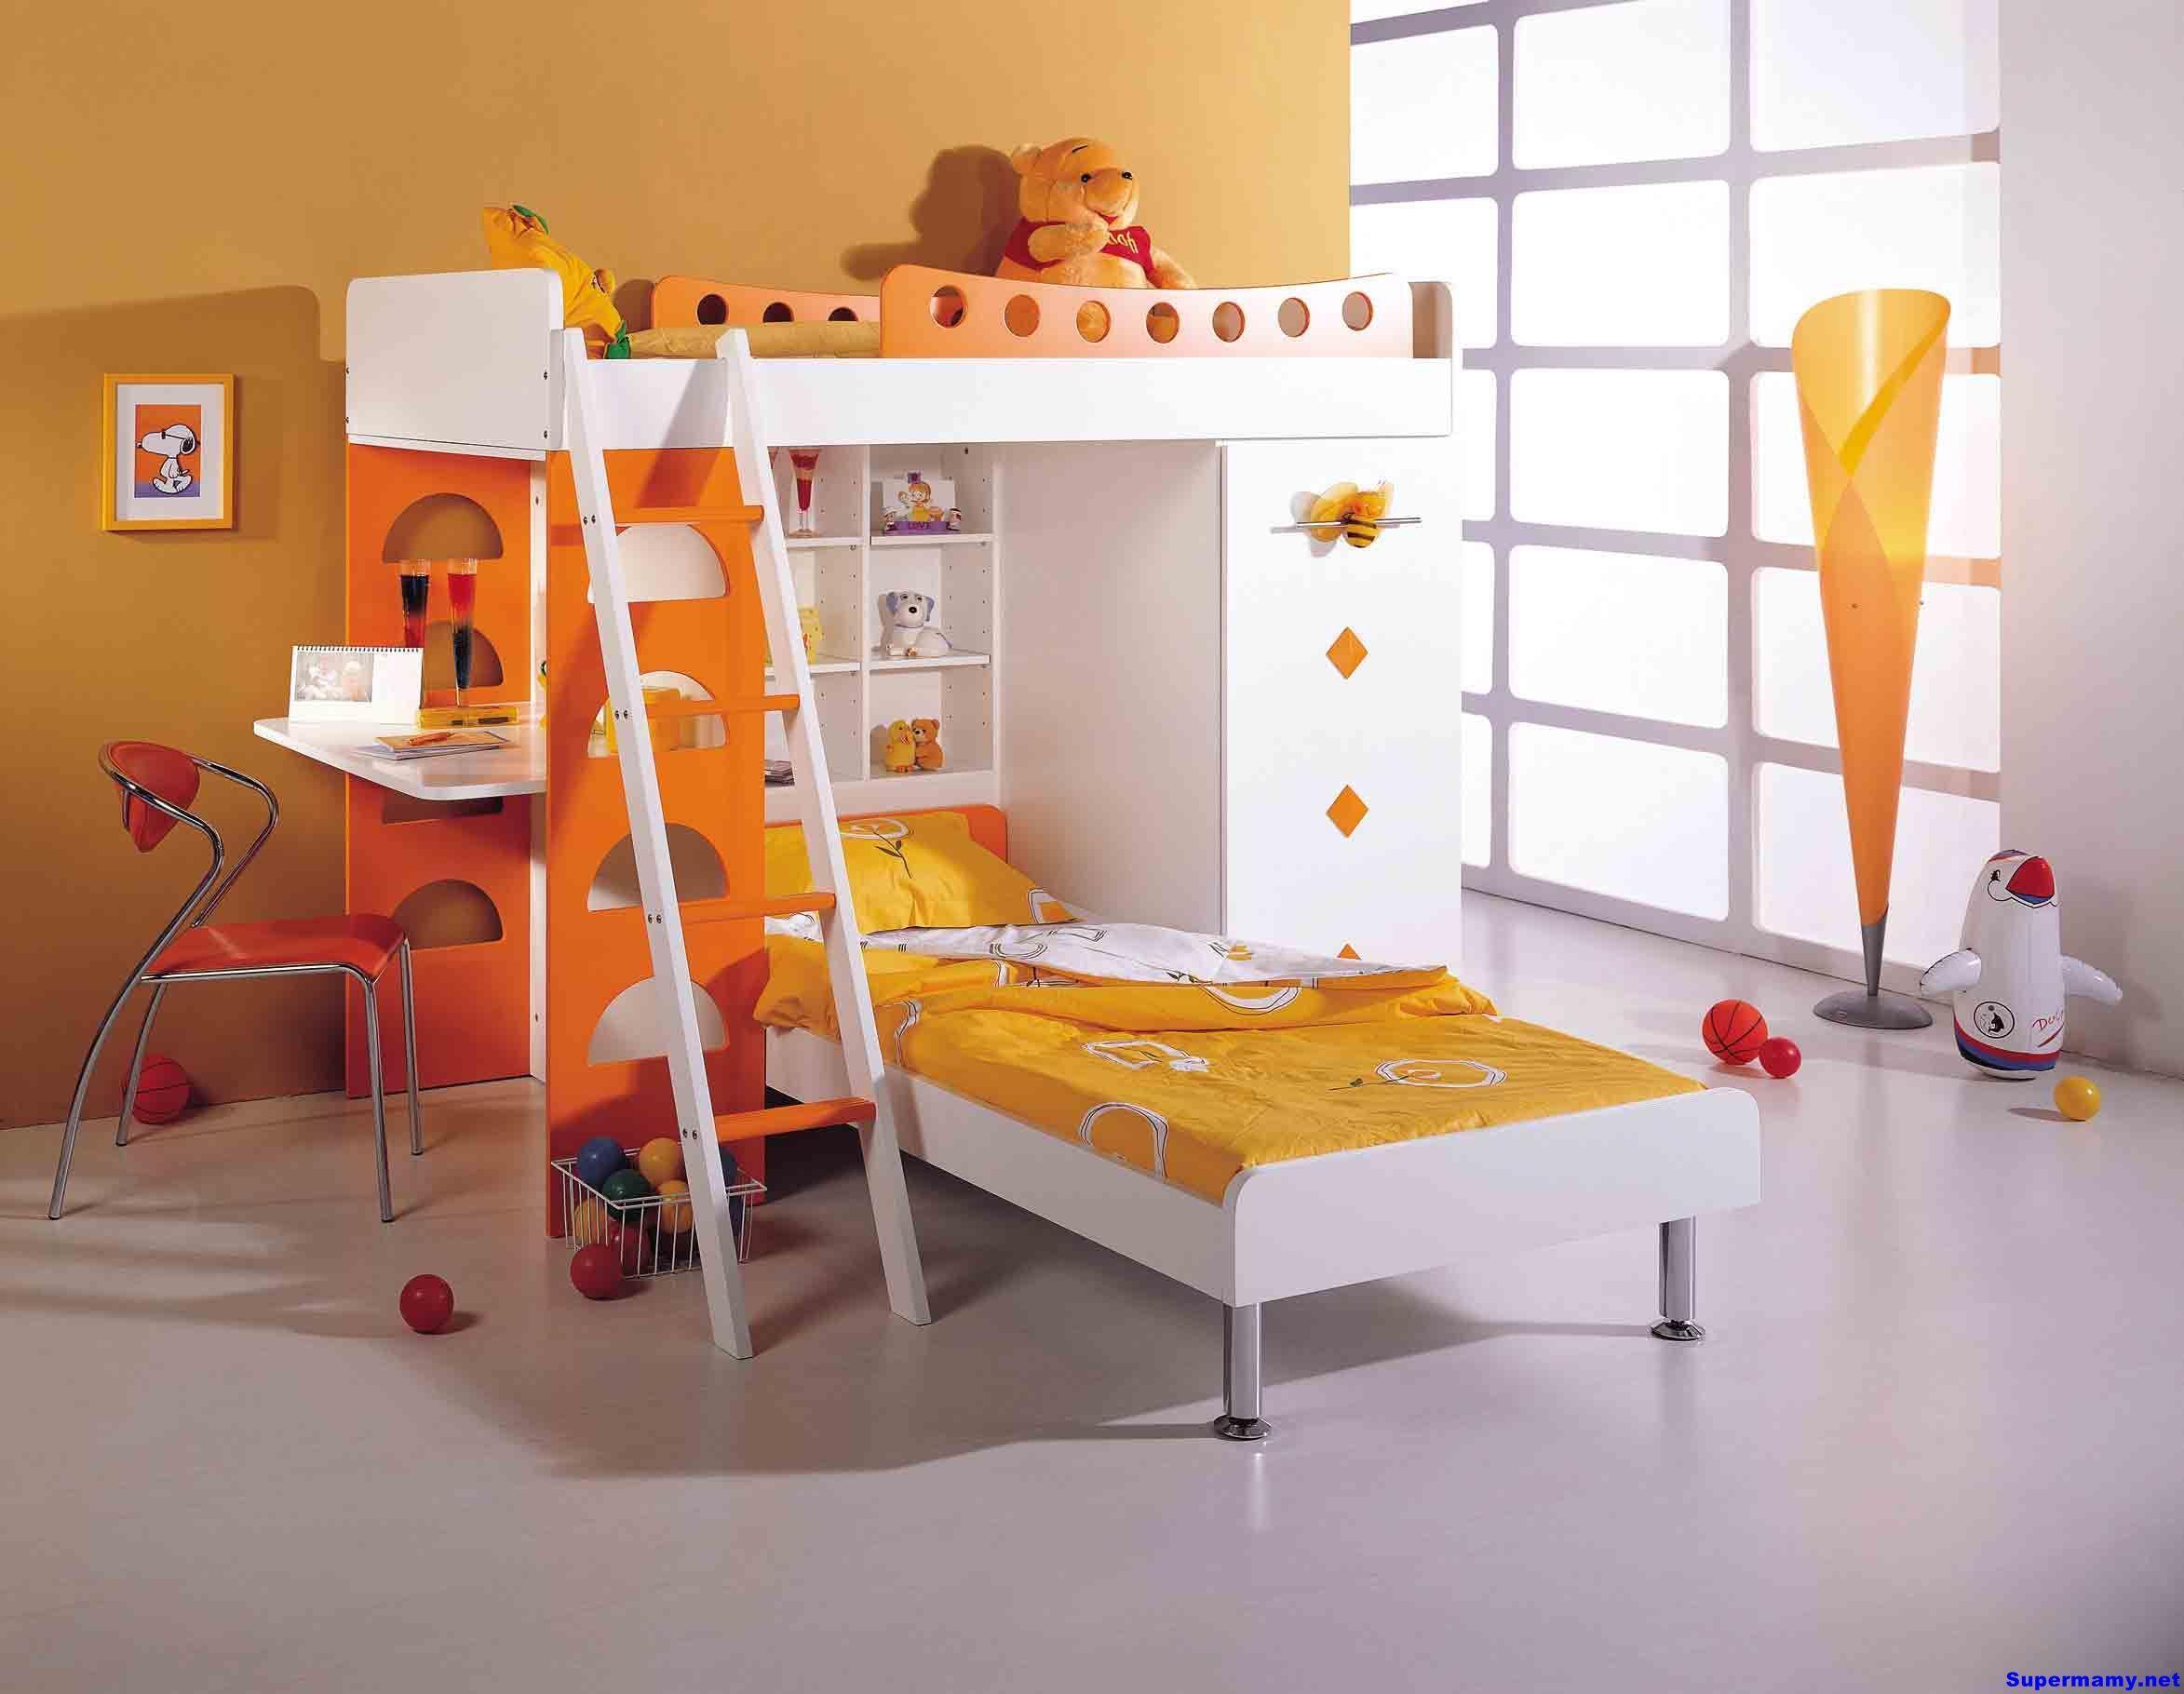 غرف نوم للأطفال بدورين المرسال